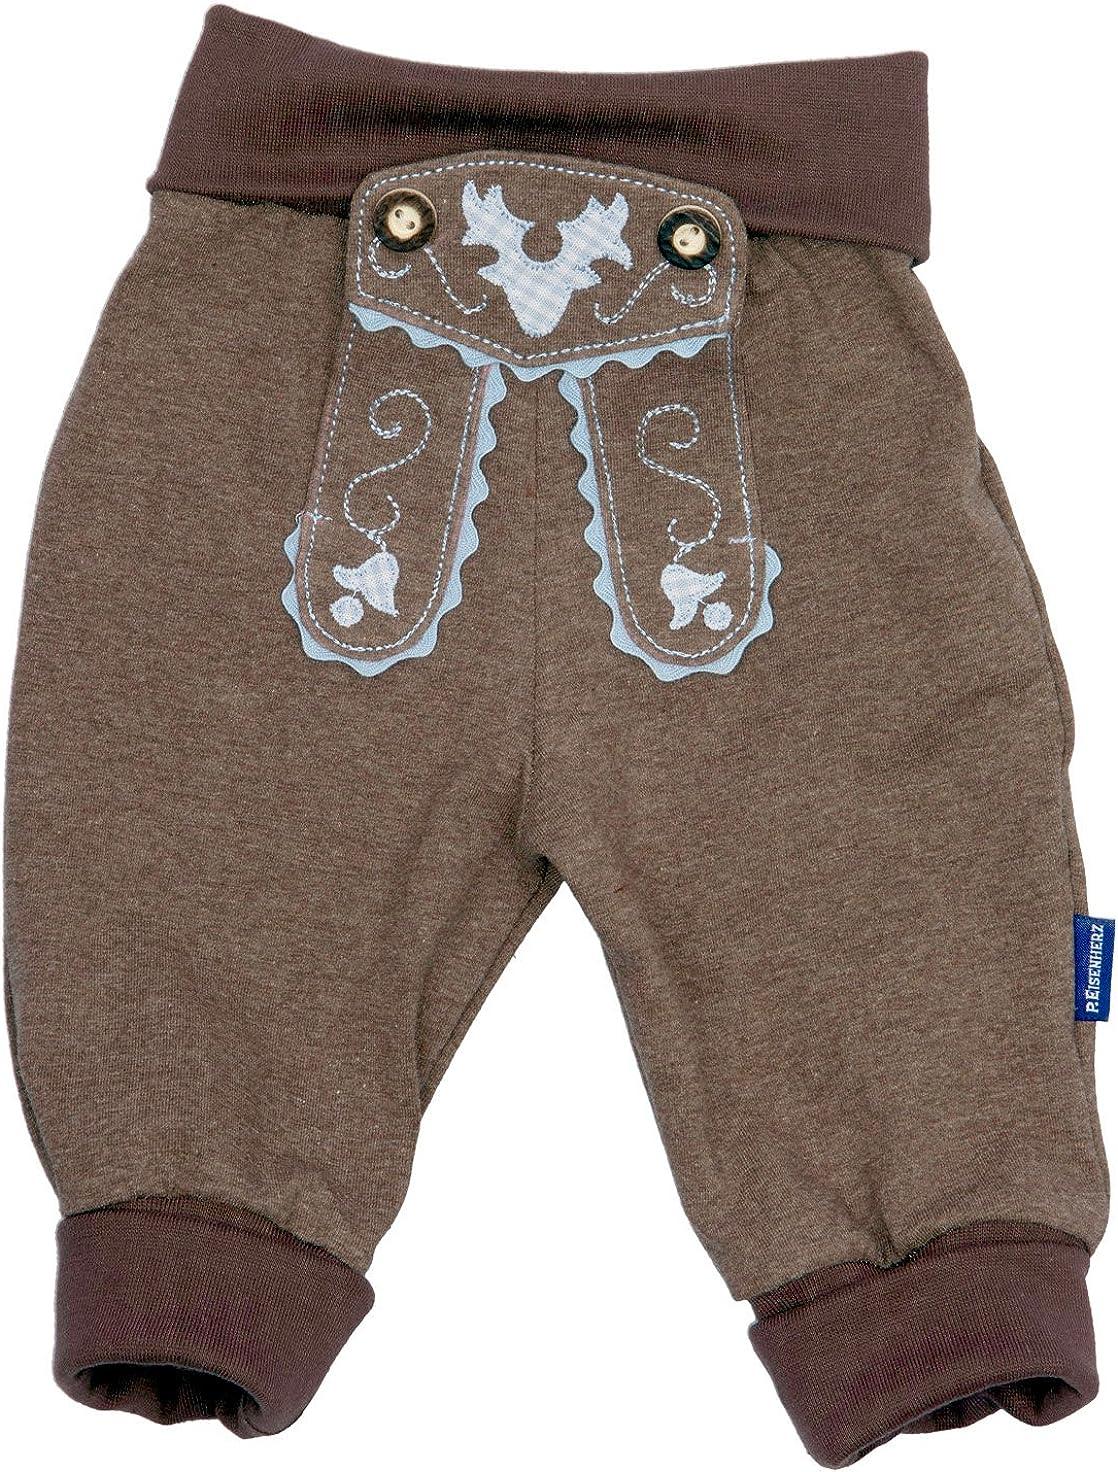 MS-Trachten Trachten Jogginghose braun Baby Kleinkind Winterfleece oder Sommerbaumwolle